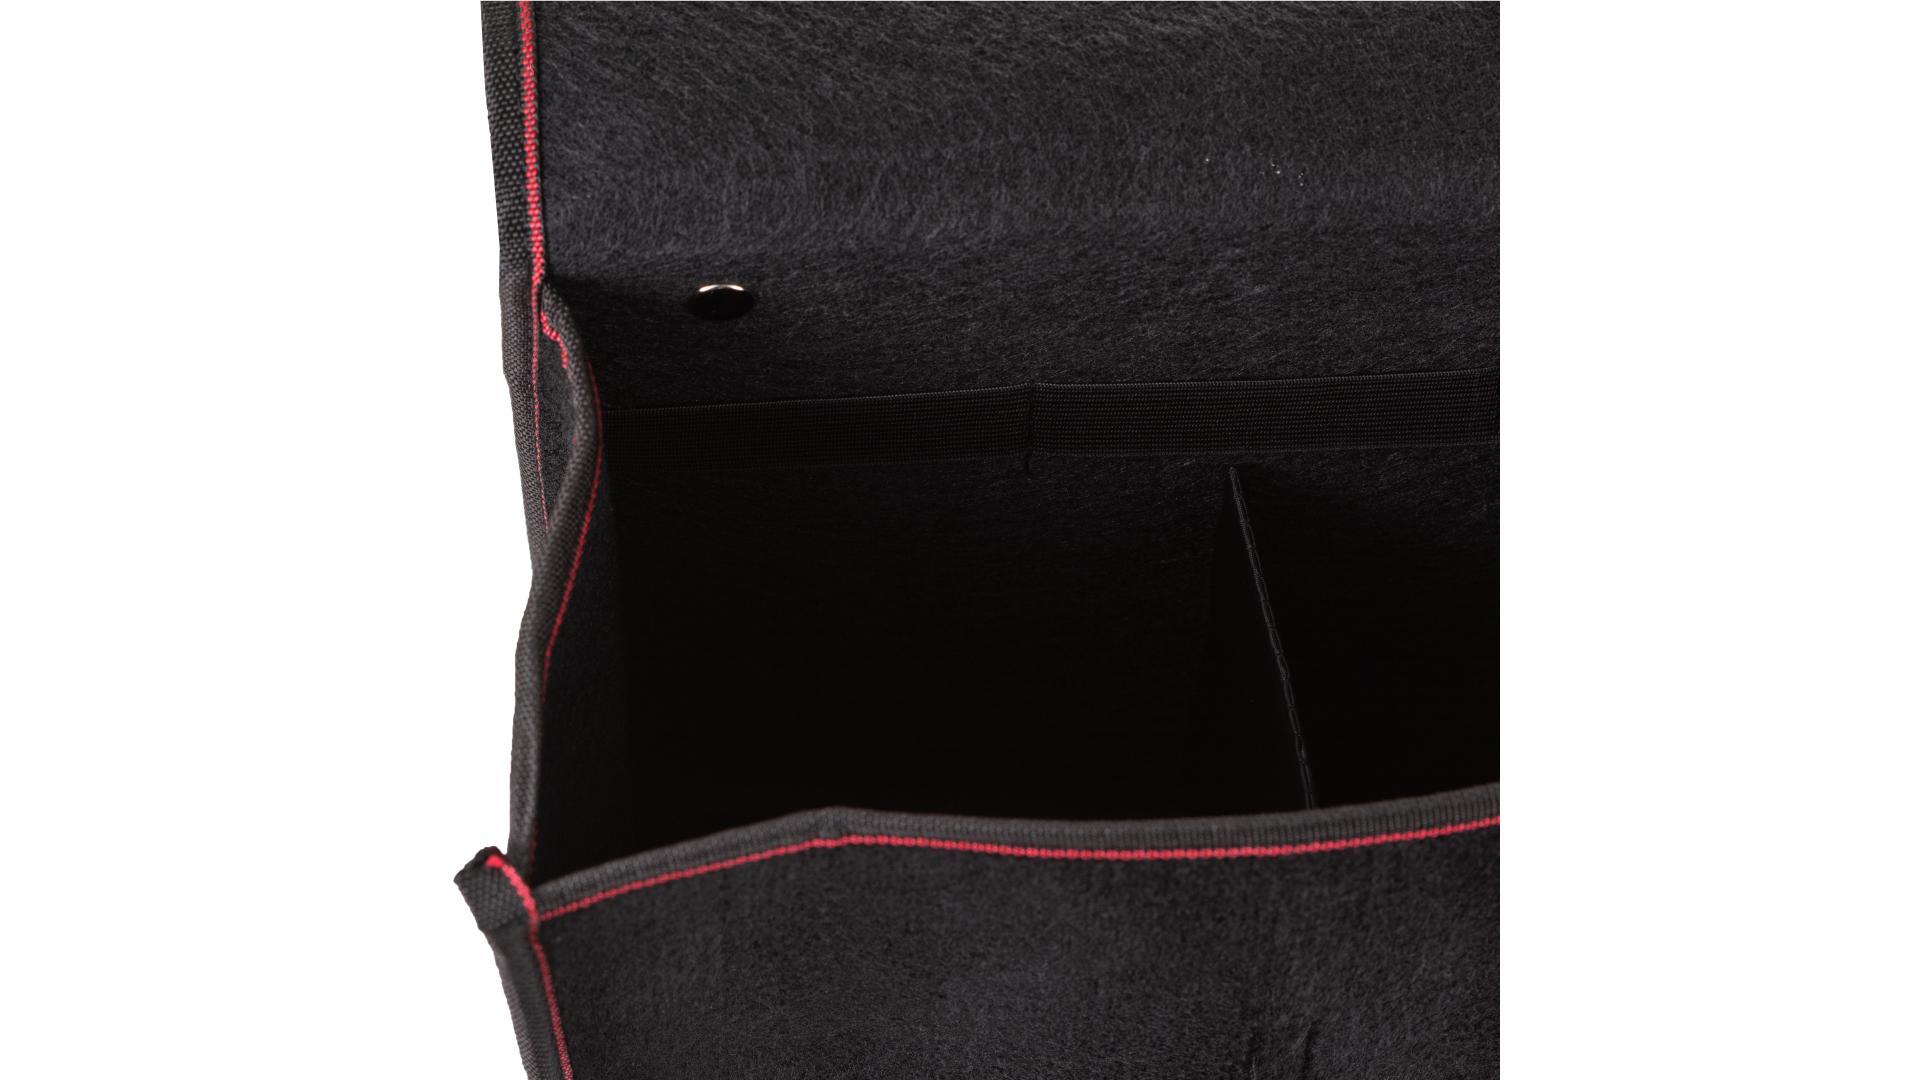 4CARS Organizér zavazadlového prostoru 35x15x29 cm